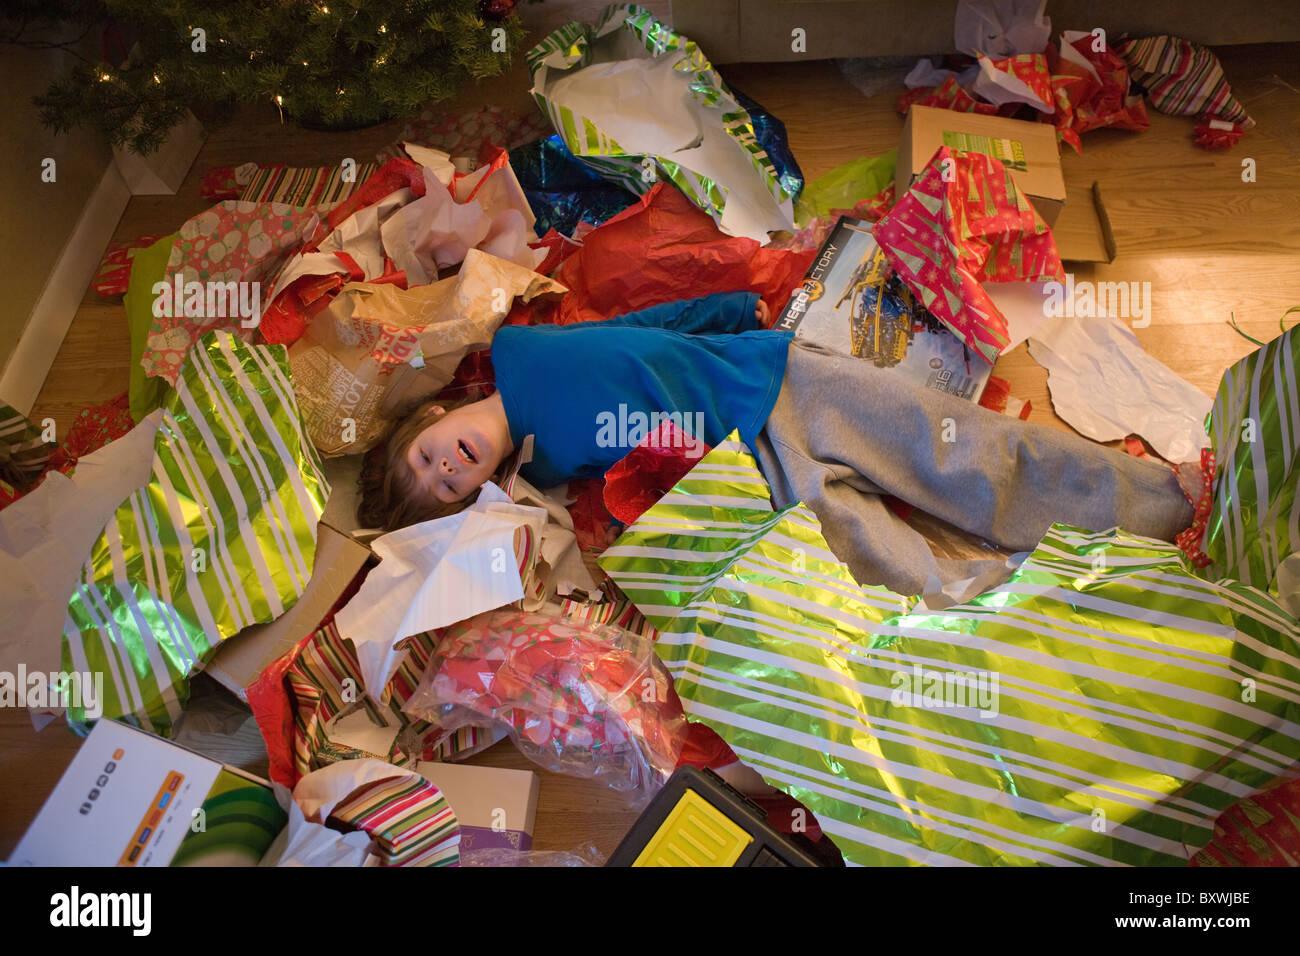 Acht Jahre altes Kind auf dem Boden, müde nach dem Öffnen zu viele ...